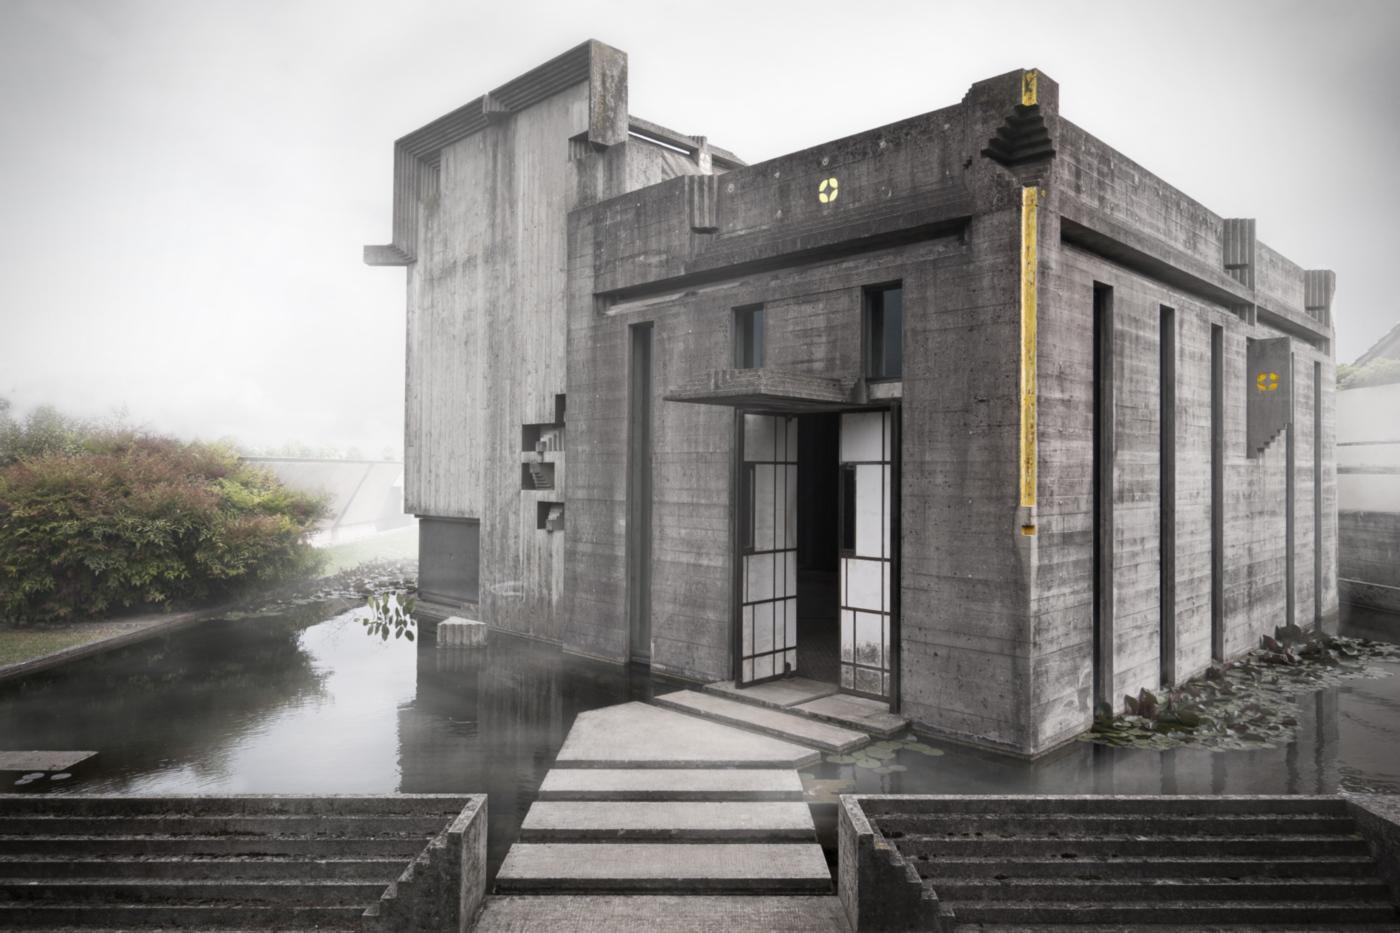 La Tomba Brion di Carlo Scarpa nelle fotografie di Carlo Deregibus | isola seconda